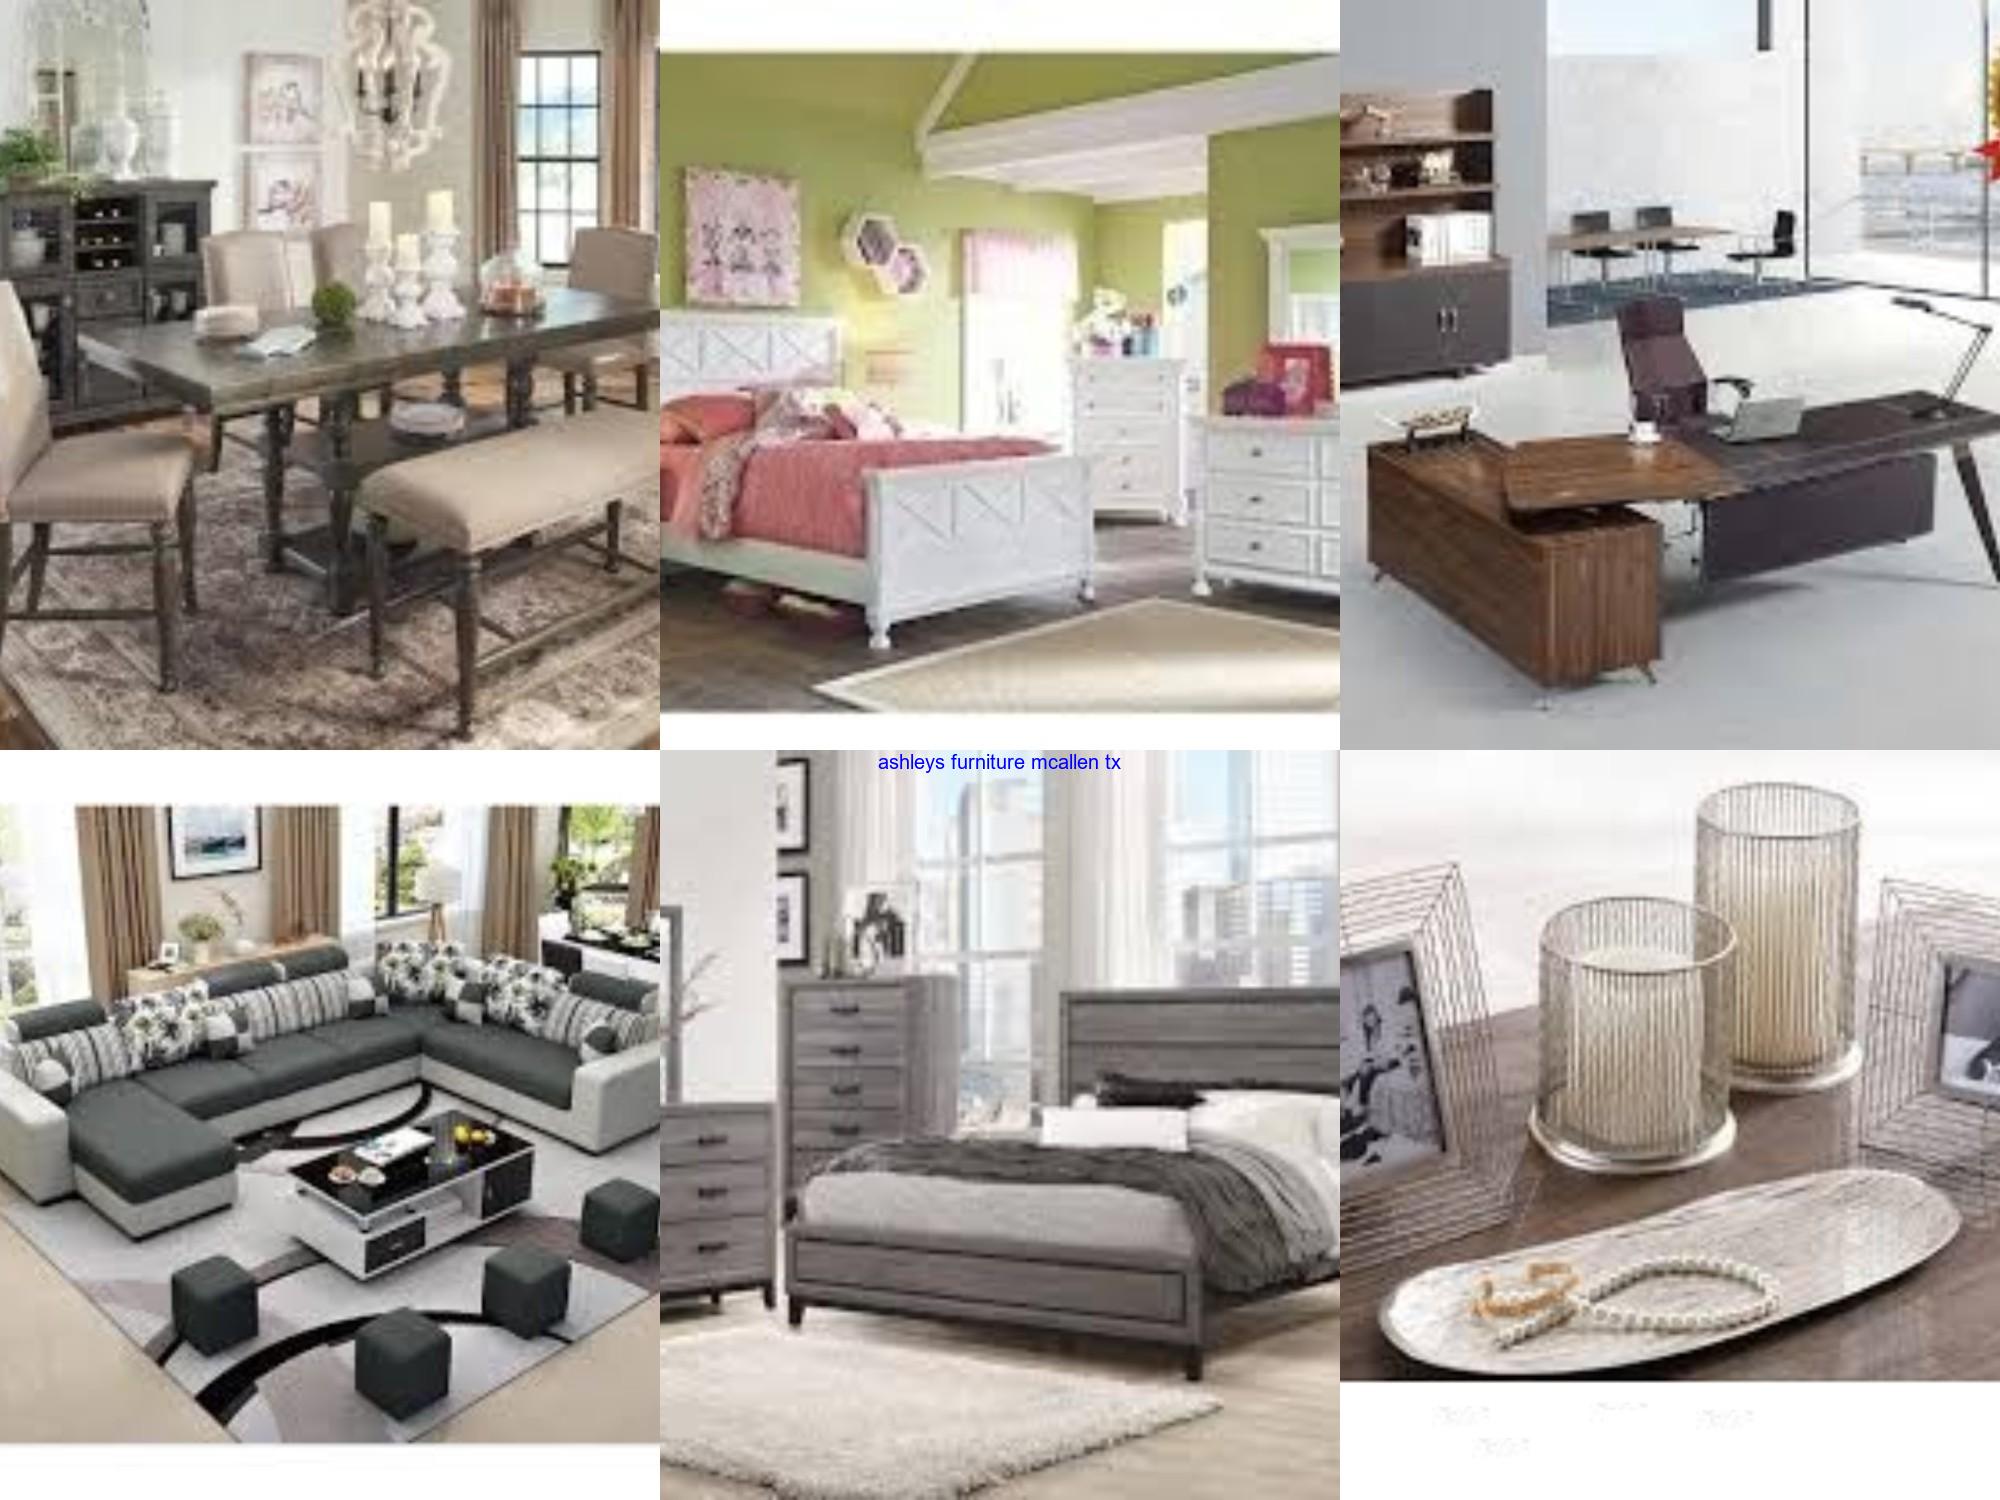 Ashleys Furniture Mcallen Tx Furniture Prices Ashley Furniture Wholesale Furniture